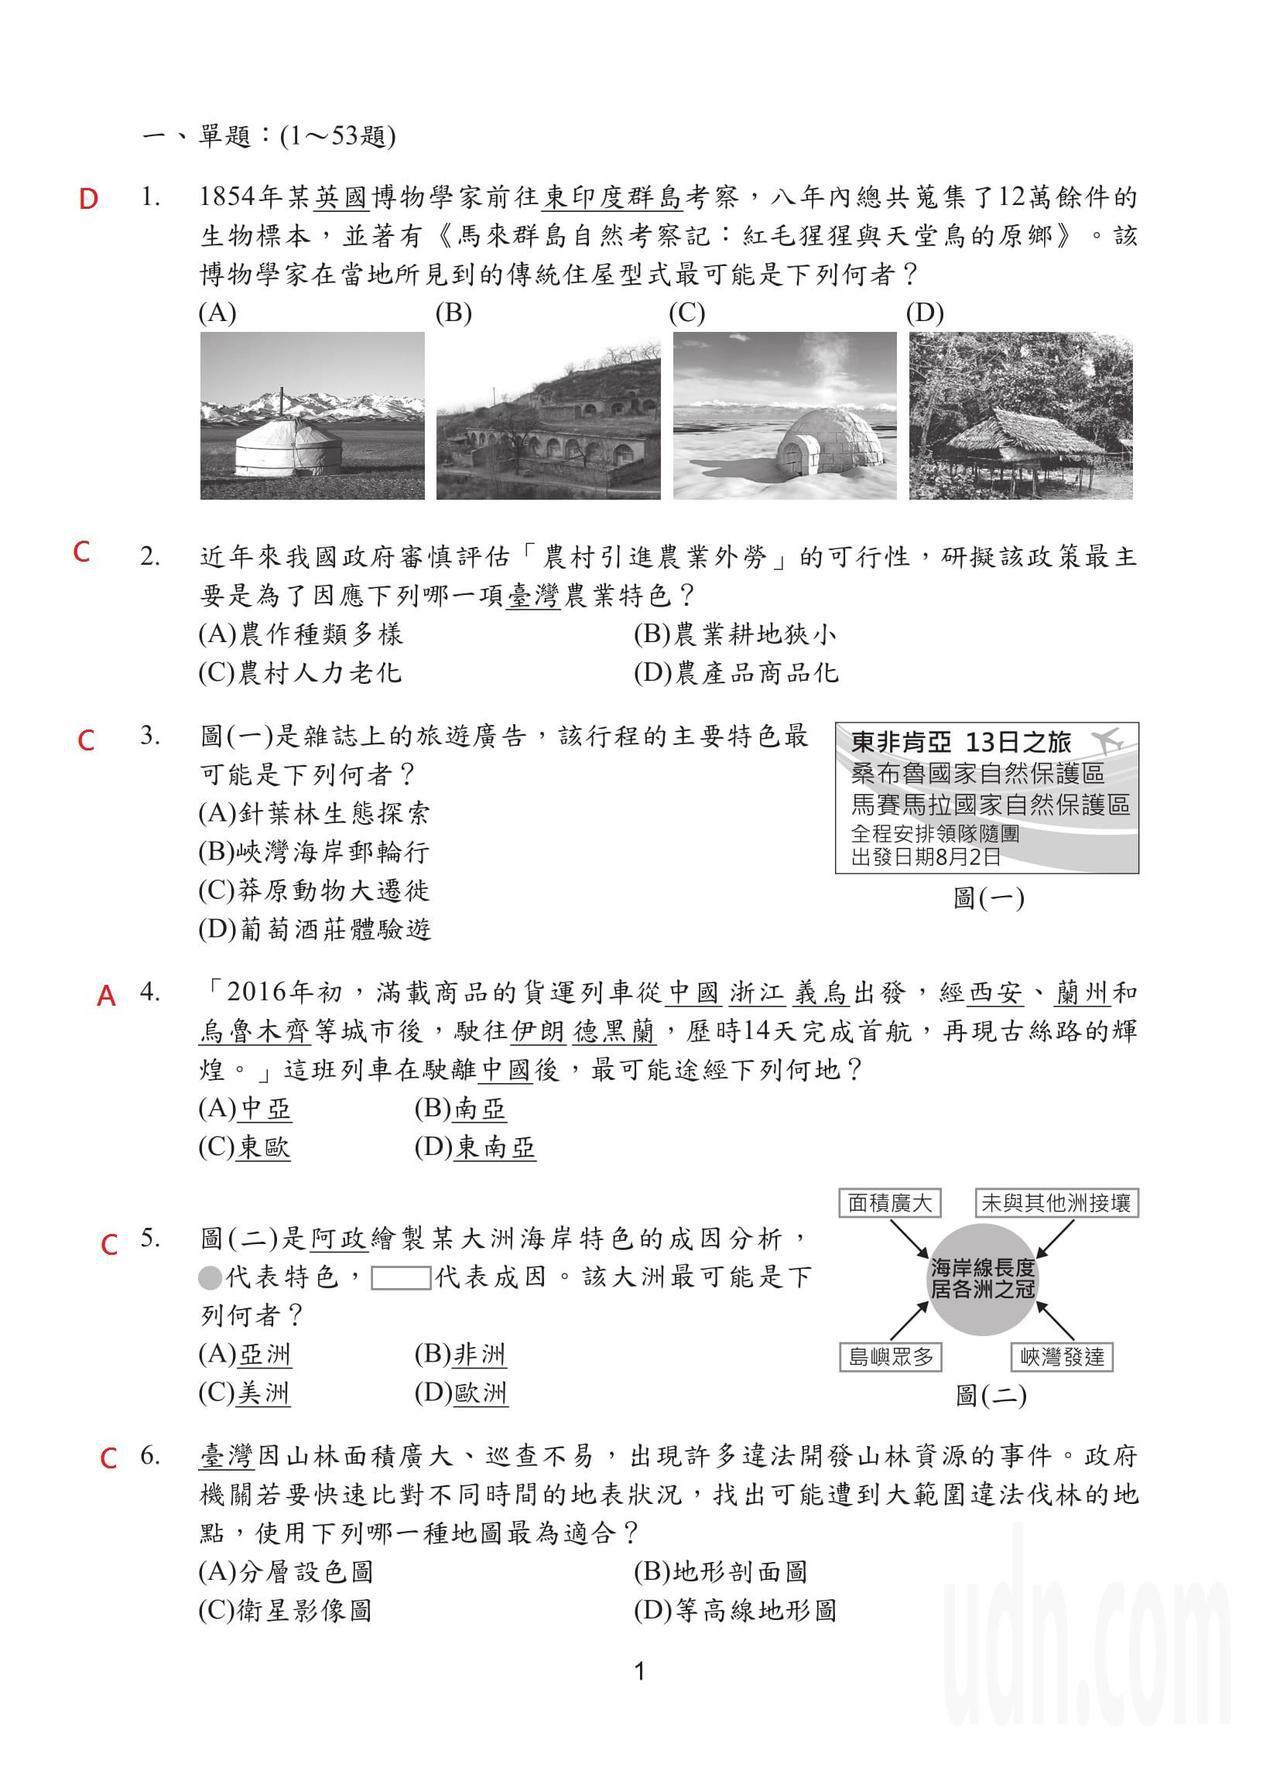 108國中會考社會科試題解答,第1頁。